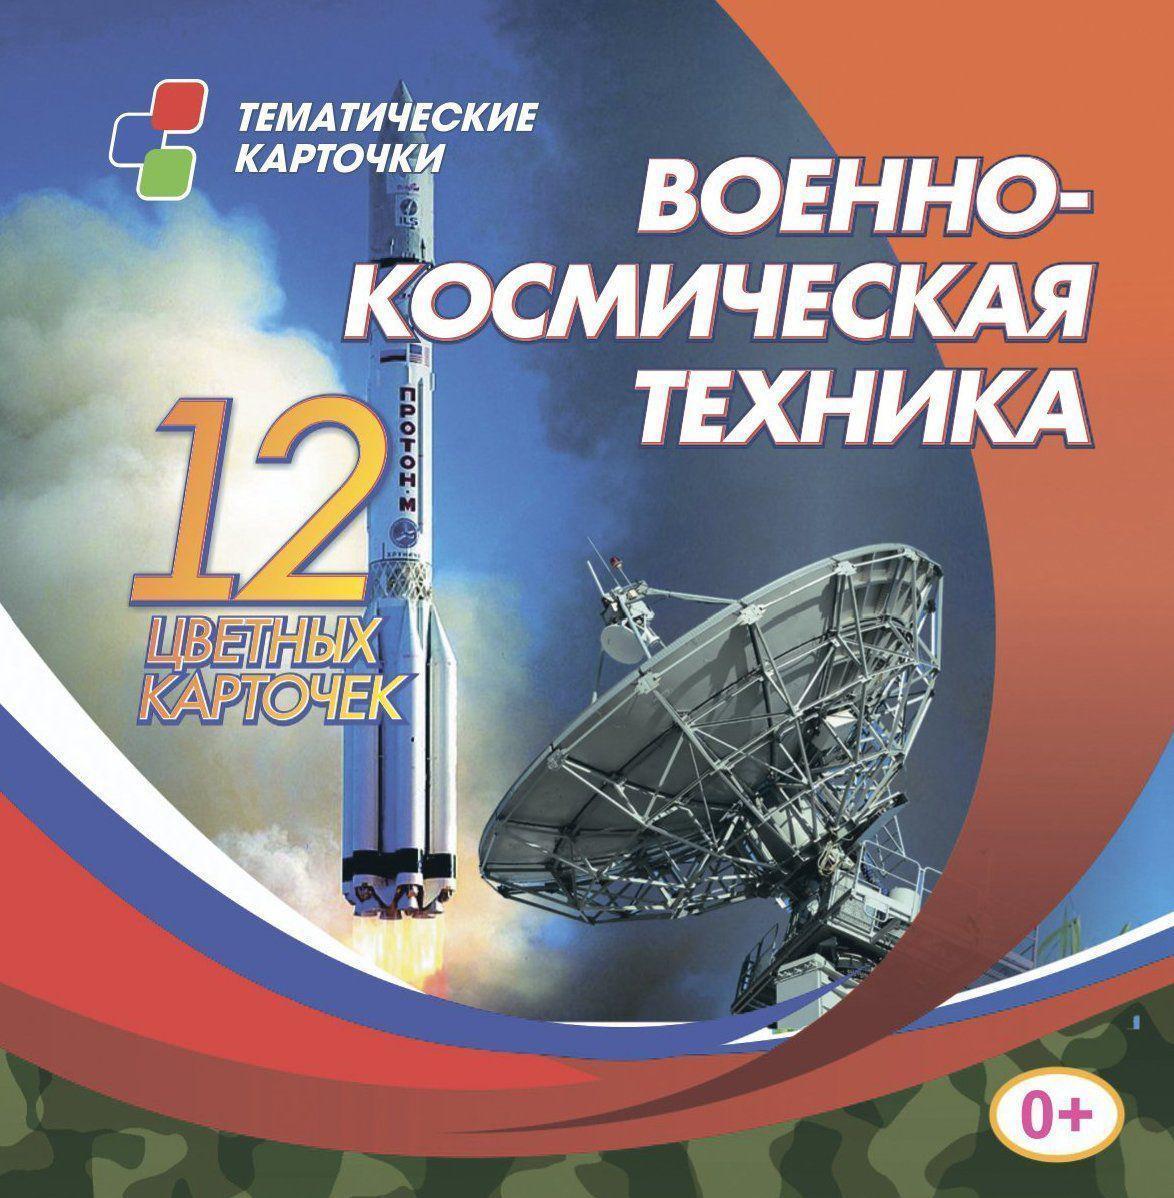 Военно-космическая техника. 12 цветных развивающих карточек для занятий с детьми